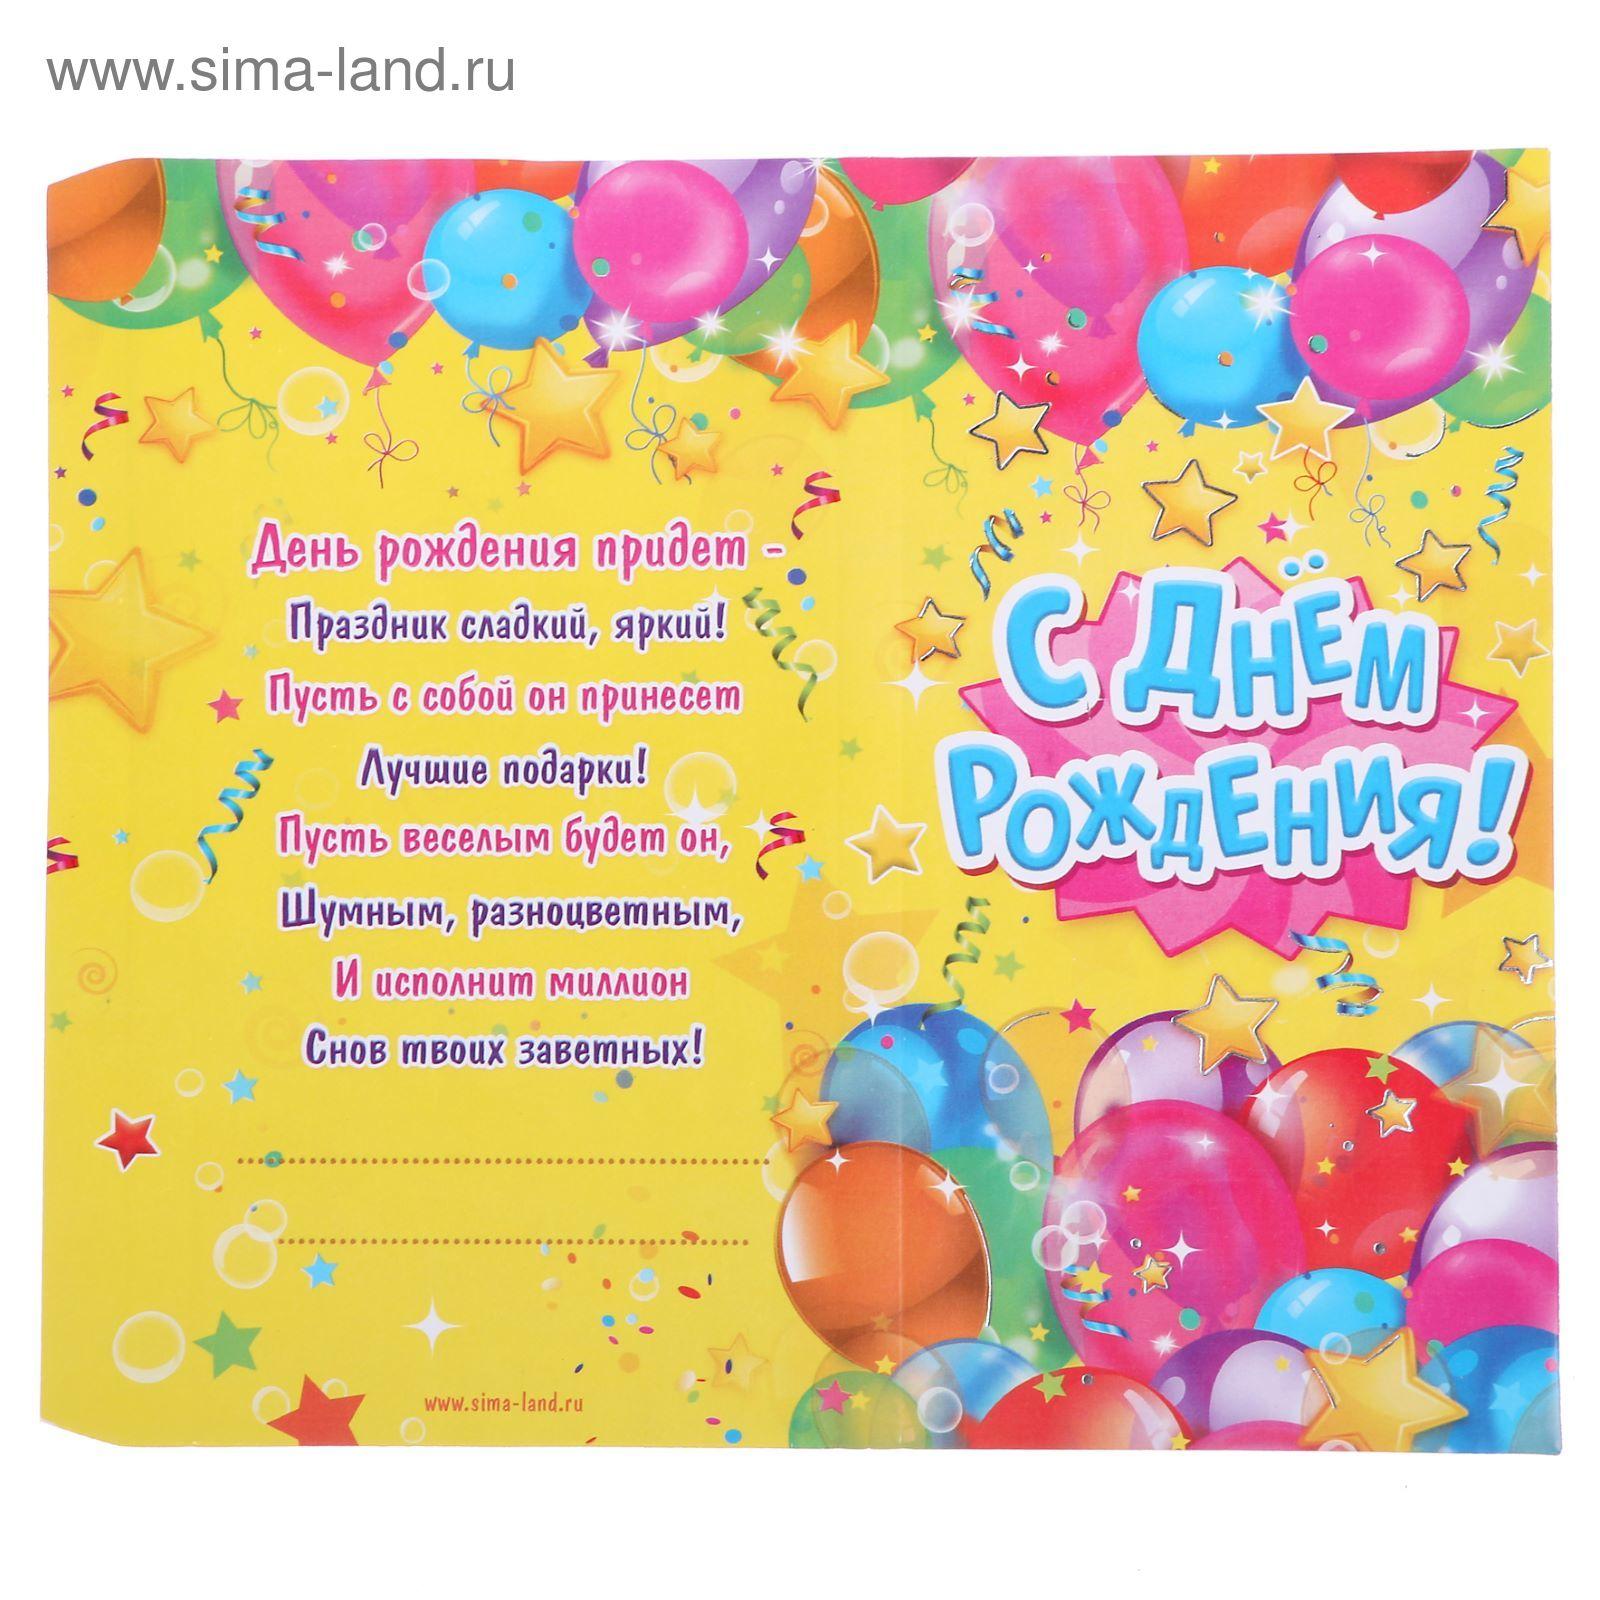 обертки для шоколада шаблоны для распечатки с днем рождения